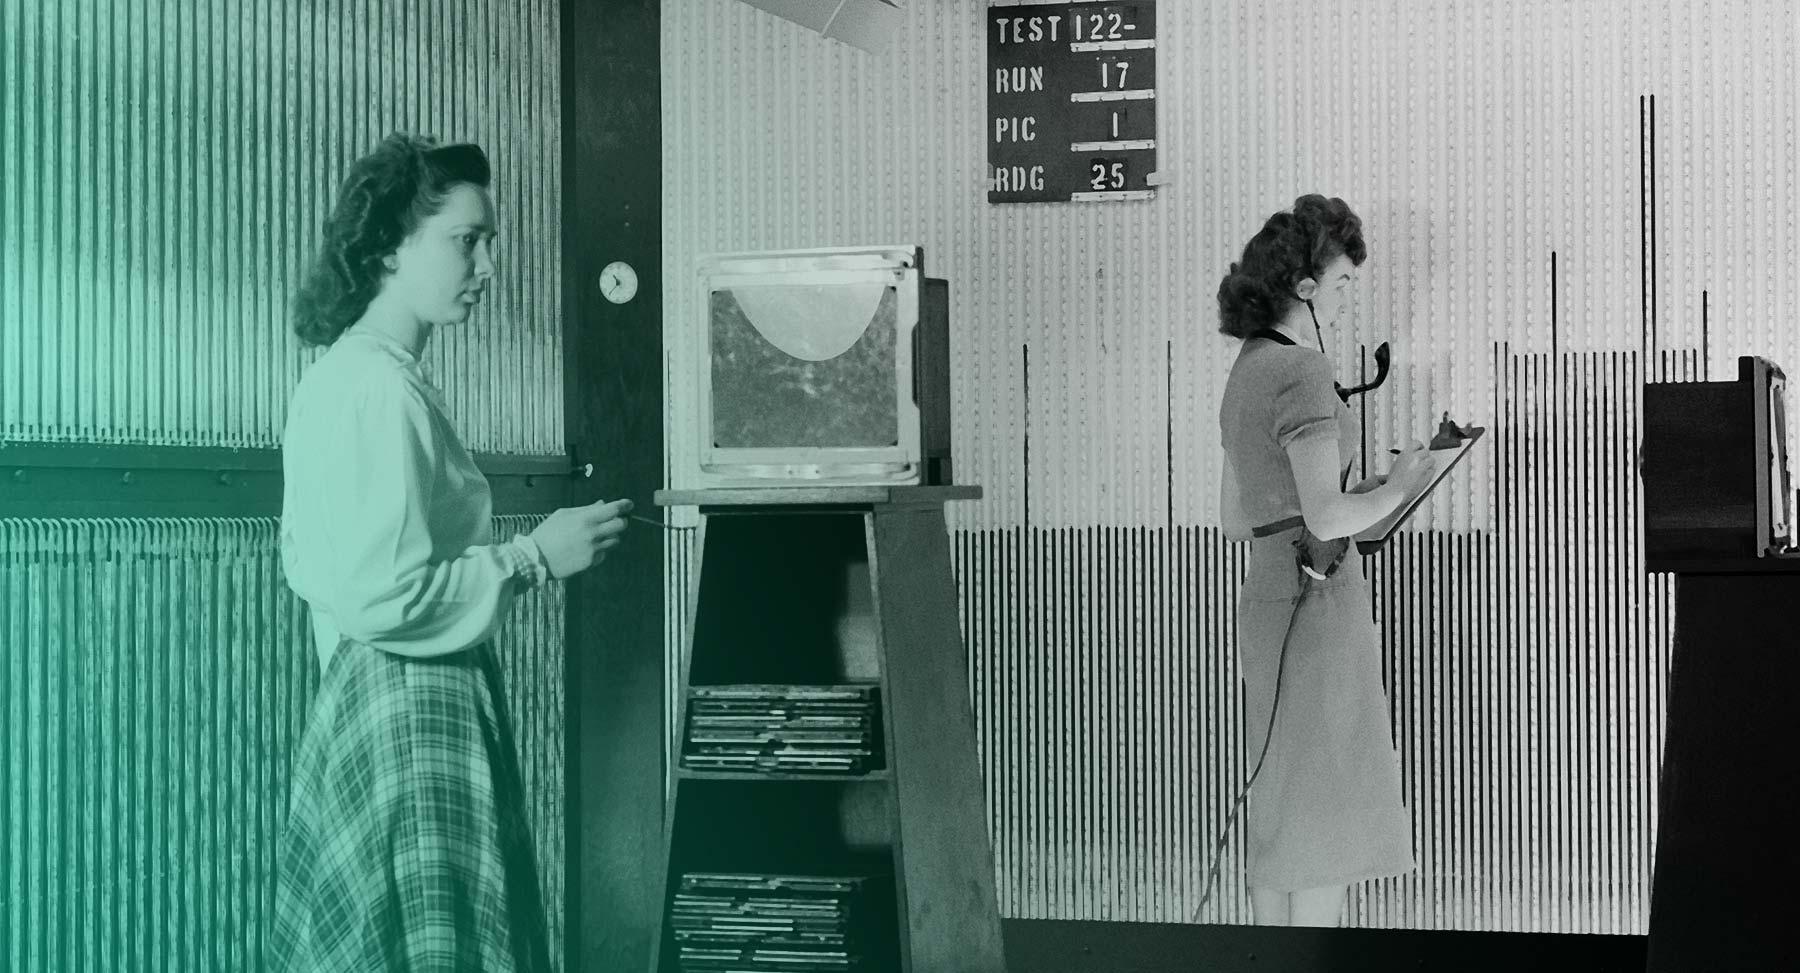 NACA Computer empfangen Übertragungen von Manometer Boards